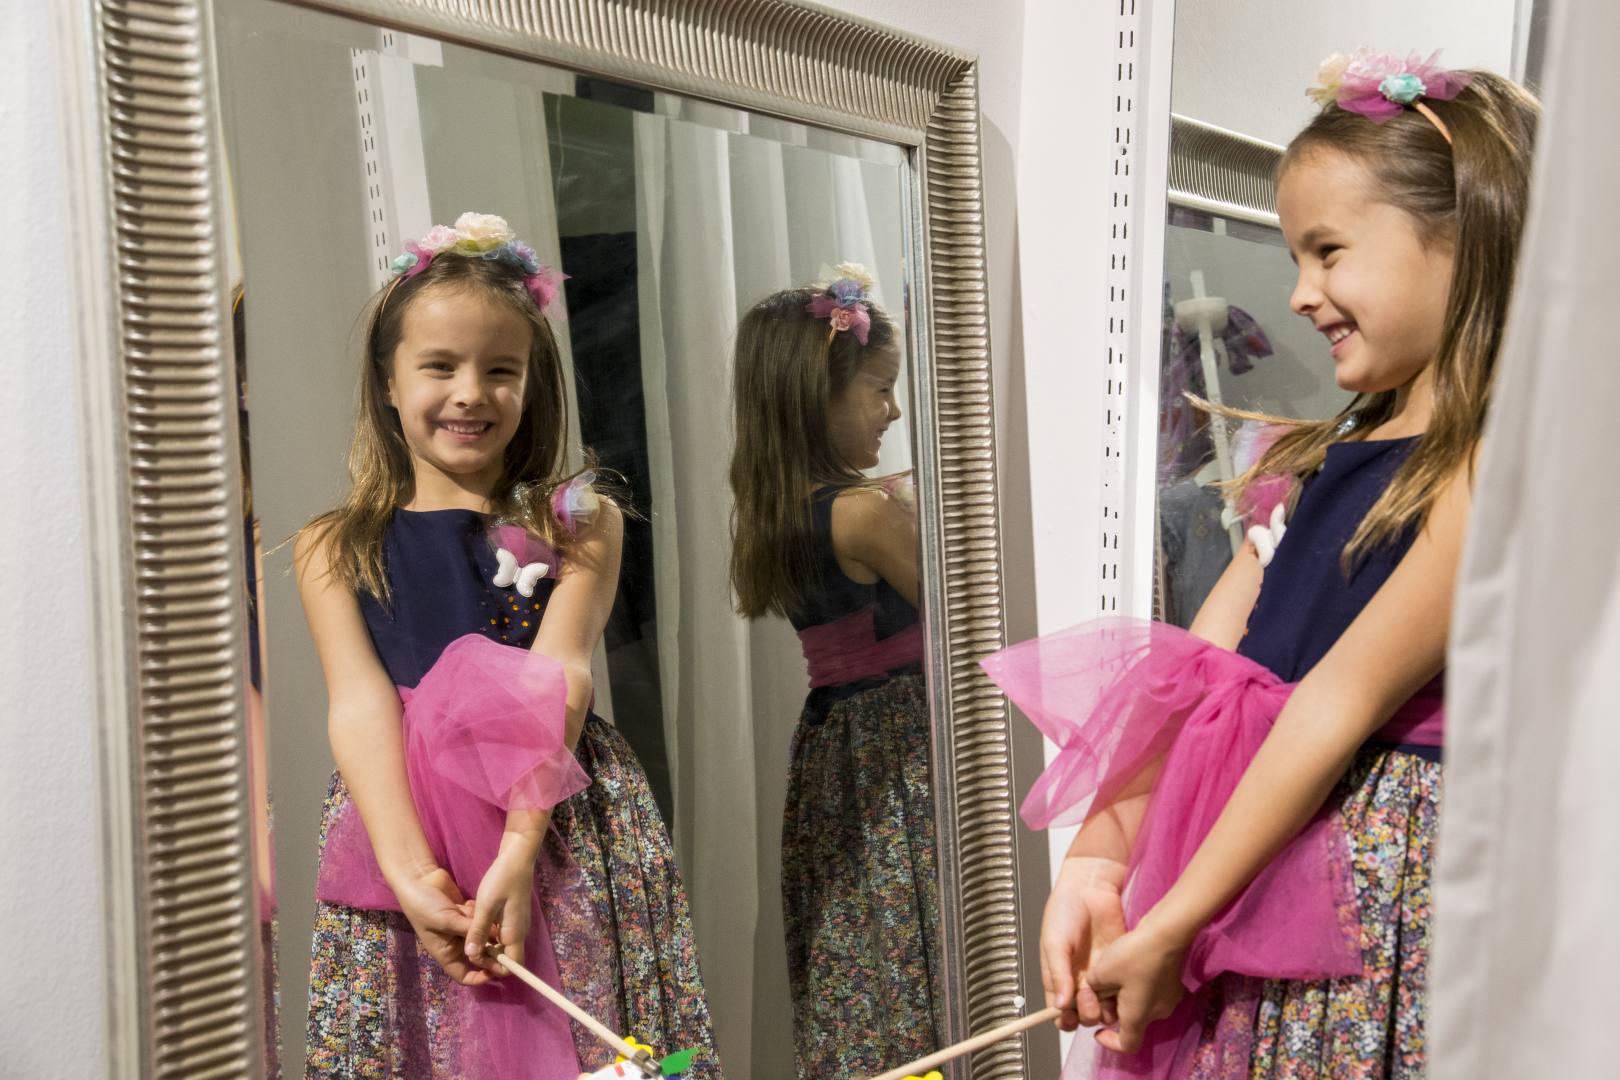 Lapsen suunnittelema juhlamekko ja satumaisen söpö